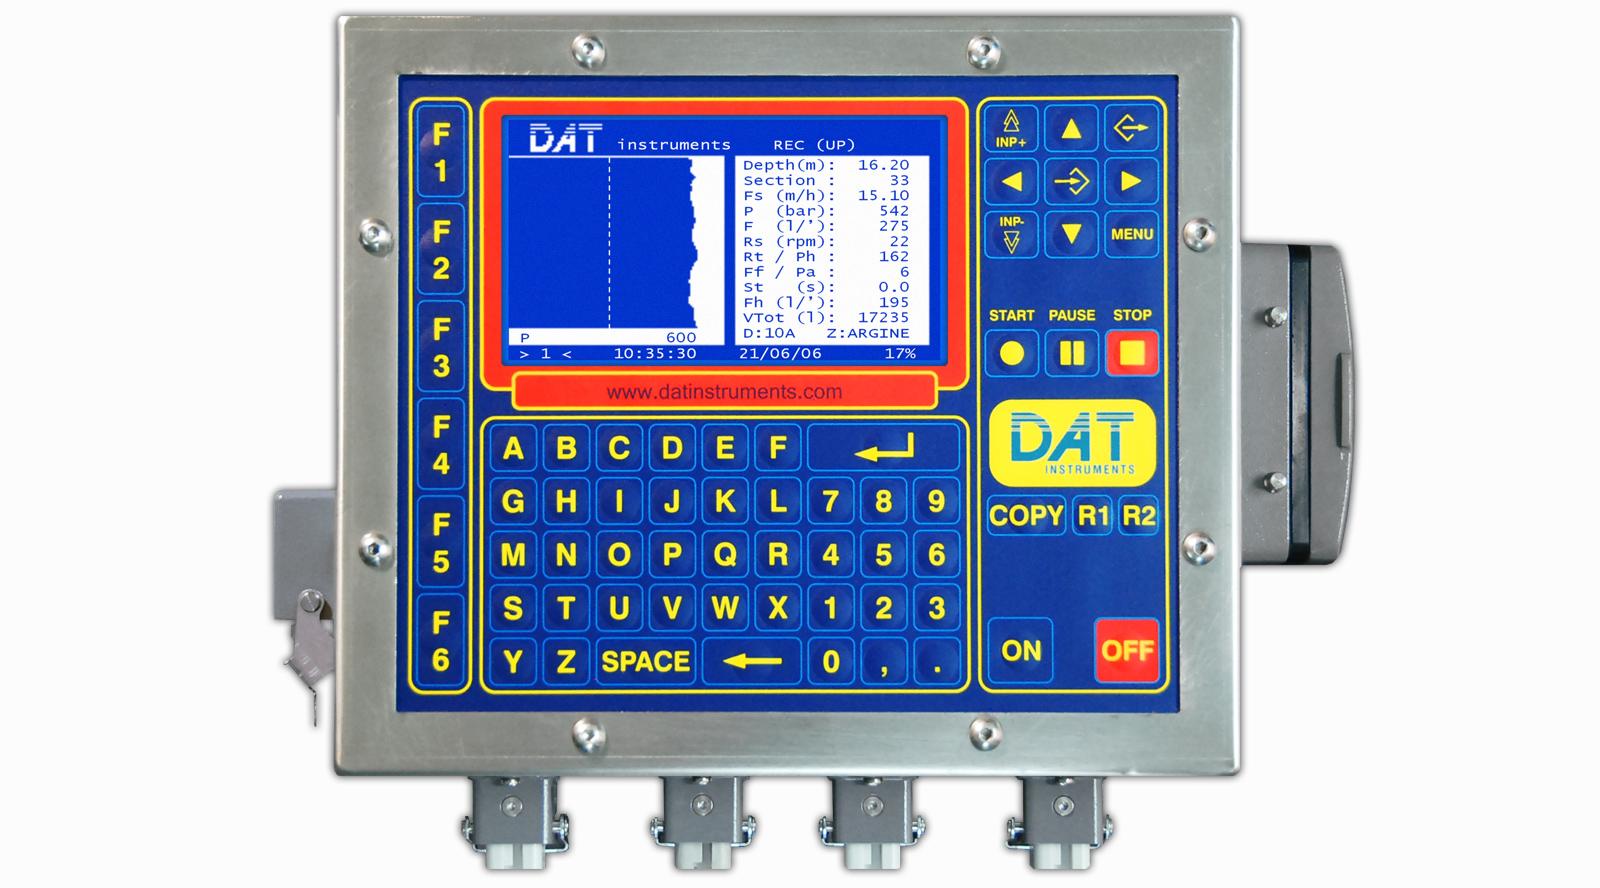 DAT instruments, JET 4000 AME - J, datalogger para Jet grouting, Perforaciónes, DAC test, CFA, Deep mixing, Soil mixing, Vibroflotación